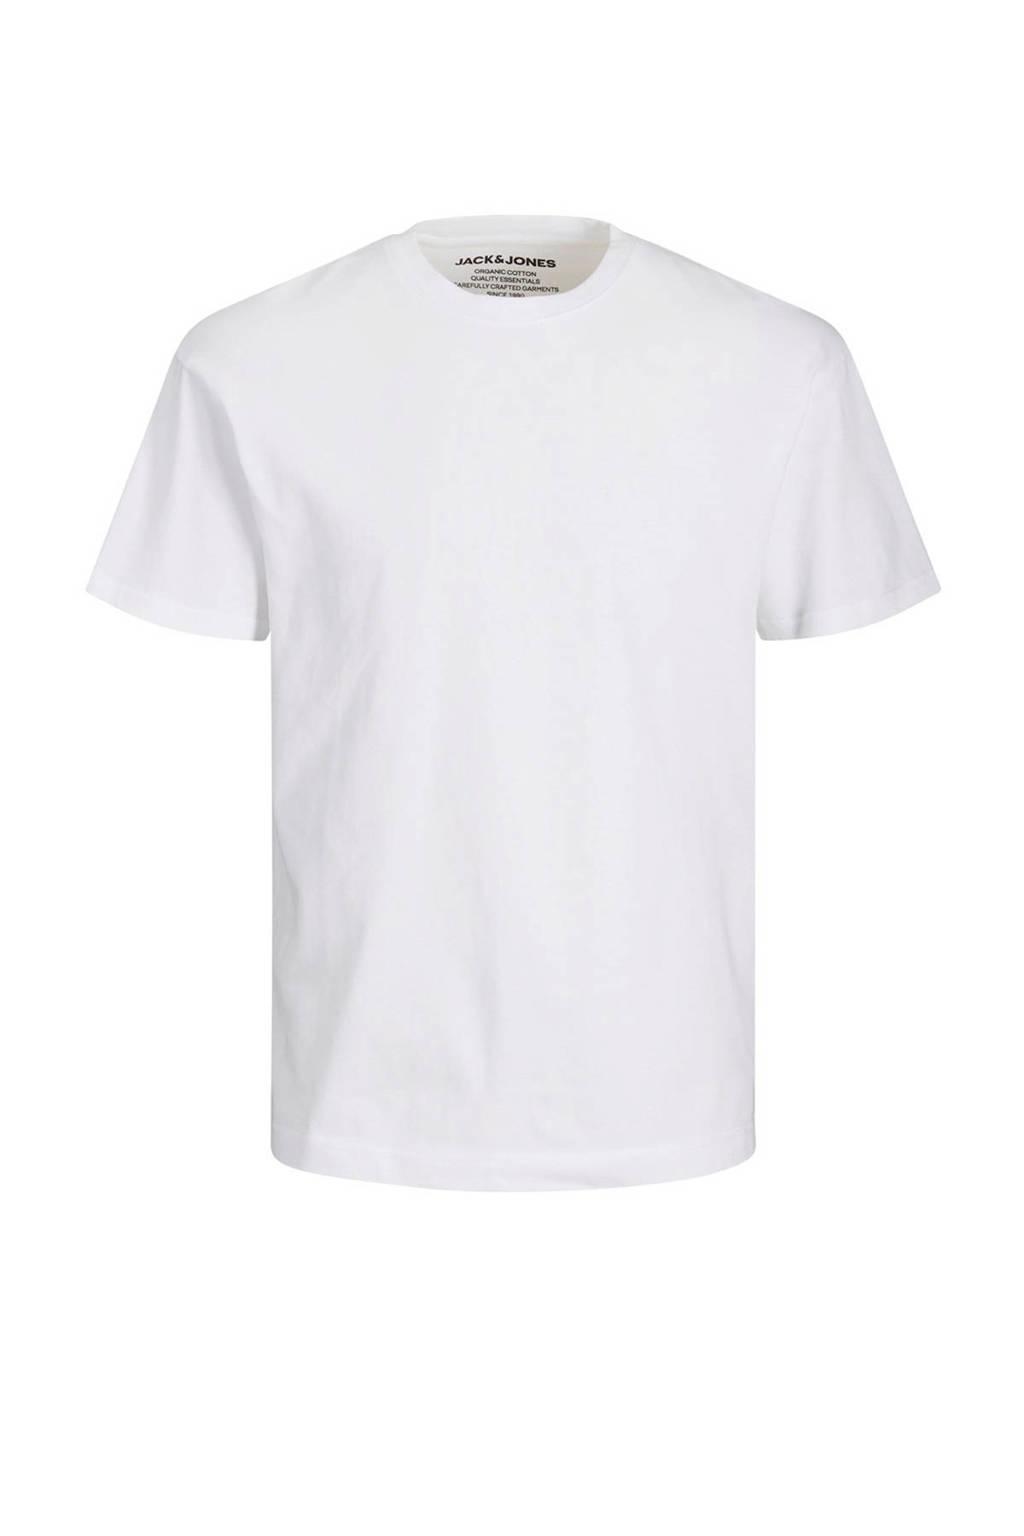 JACK & JONES ESSENTIALS T-shirt katoen, Katoen